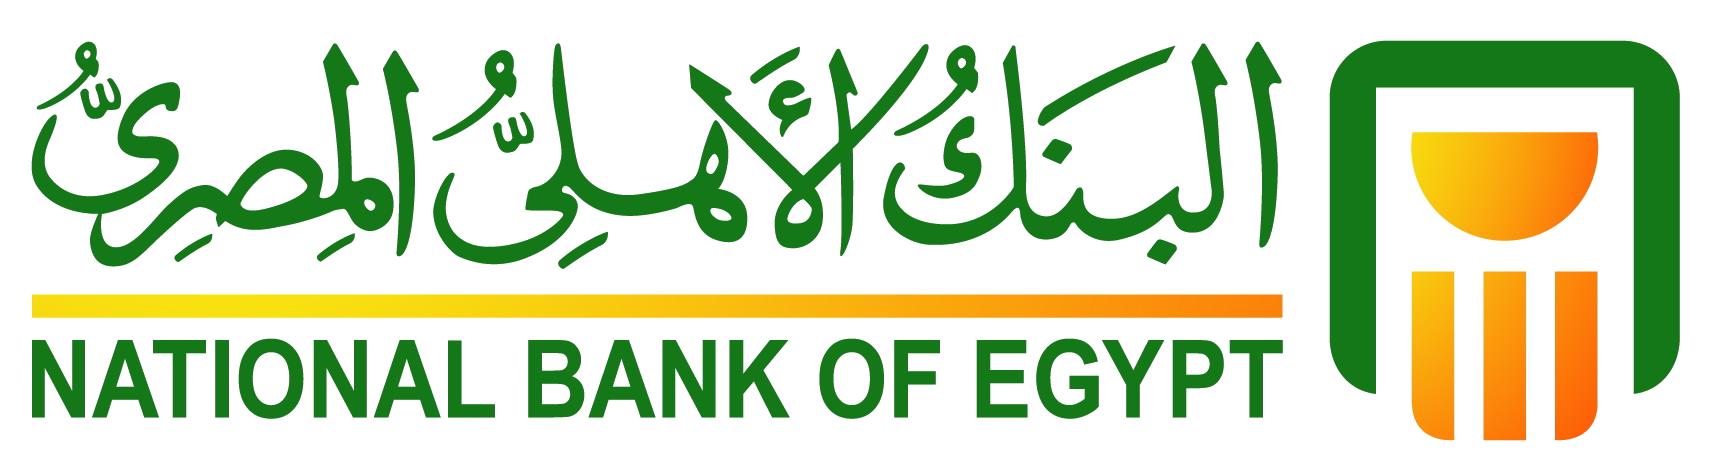 NBE_logo copy